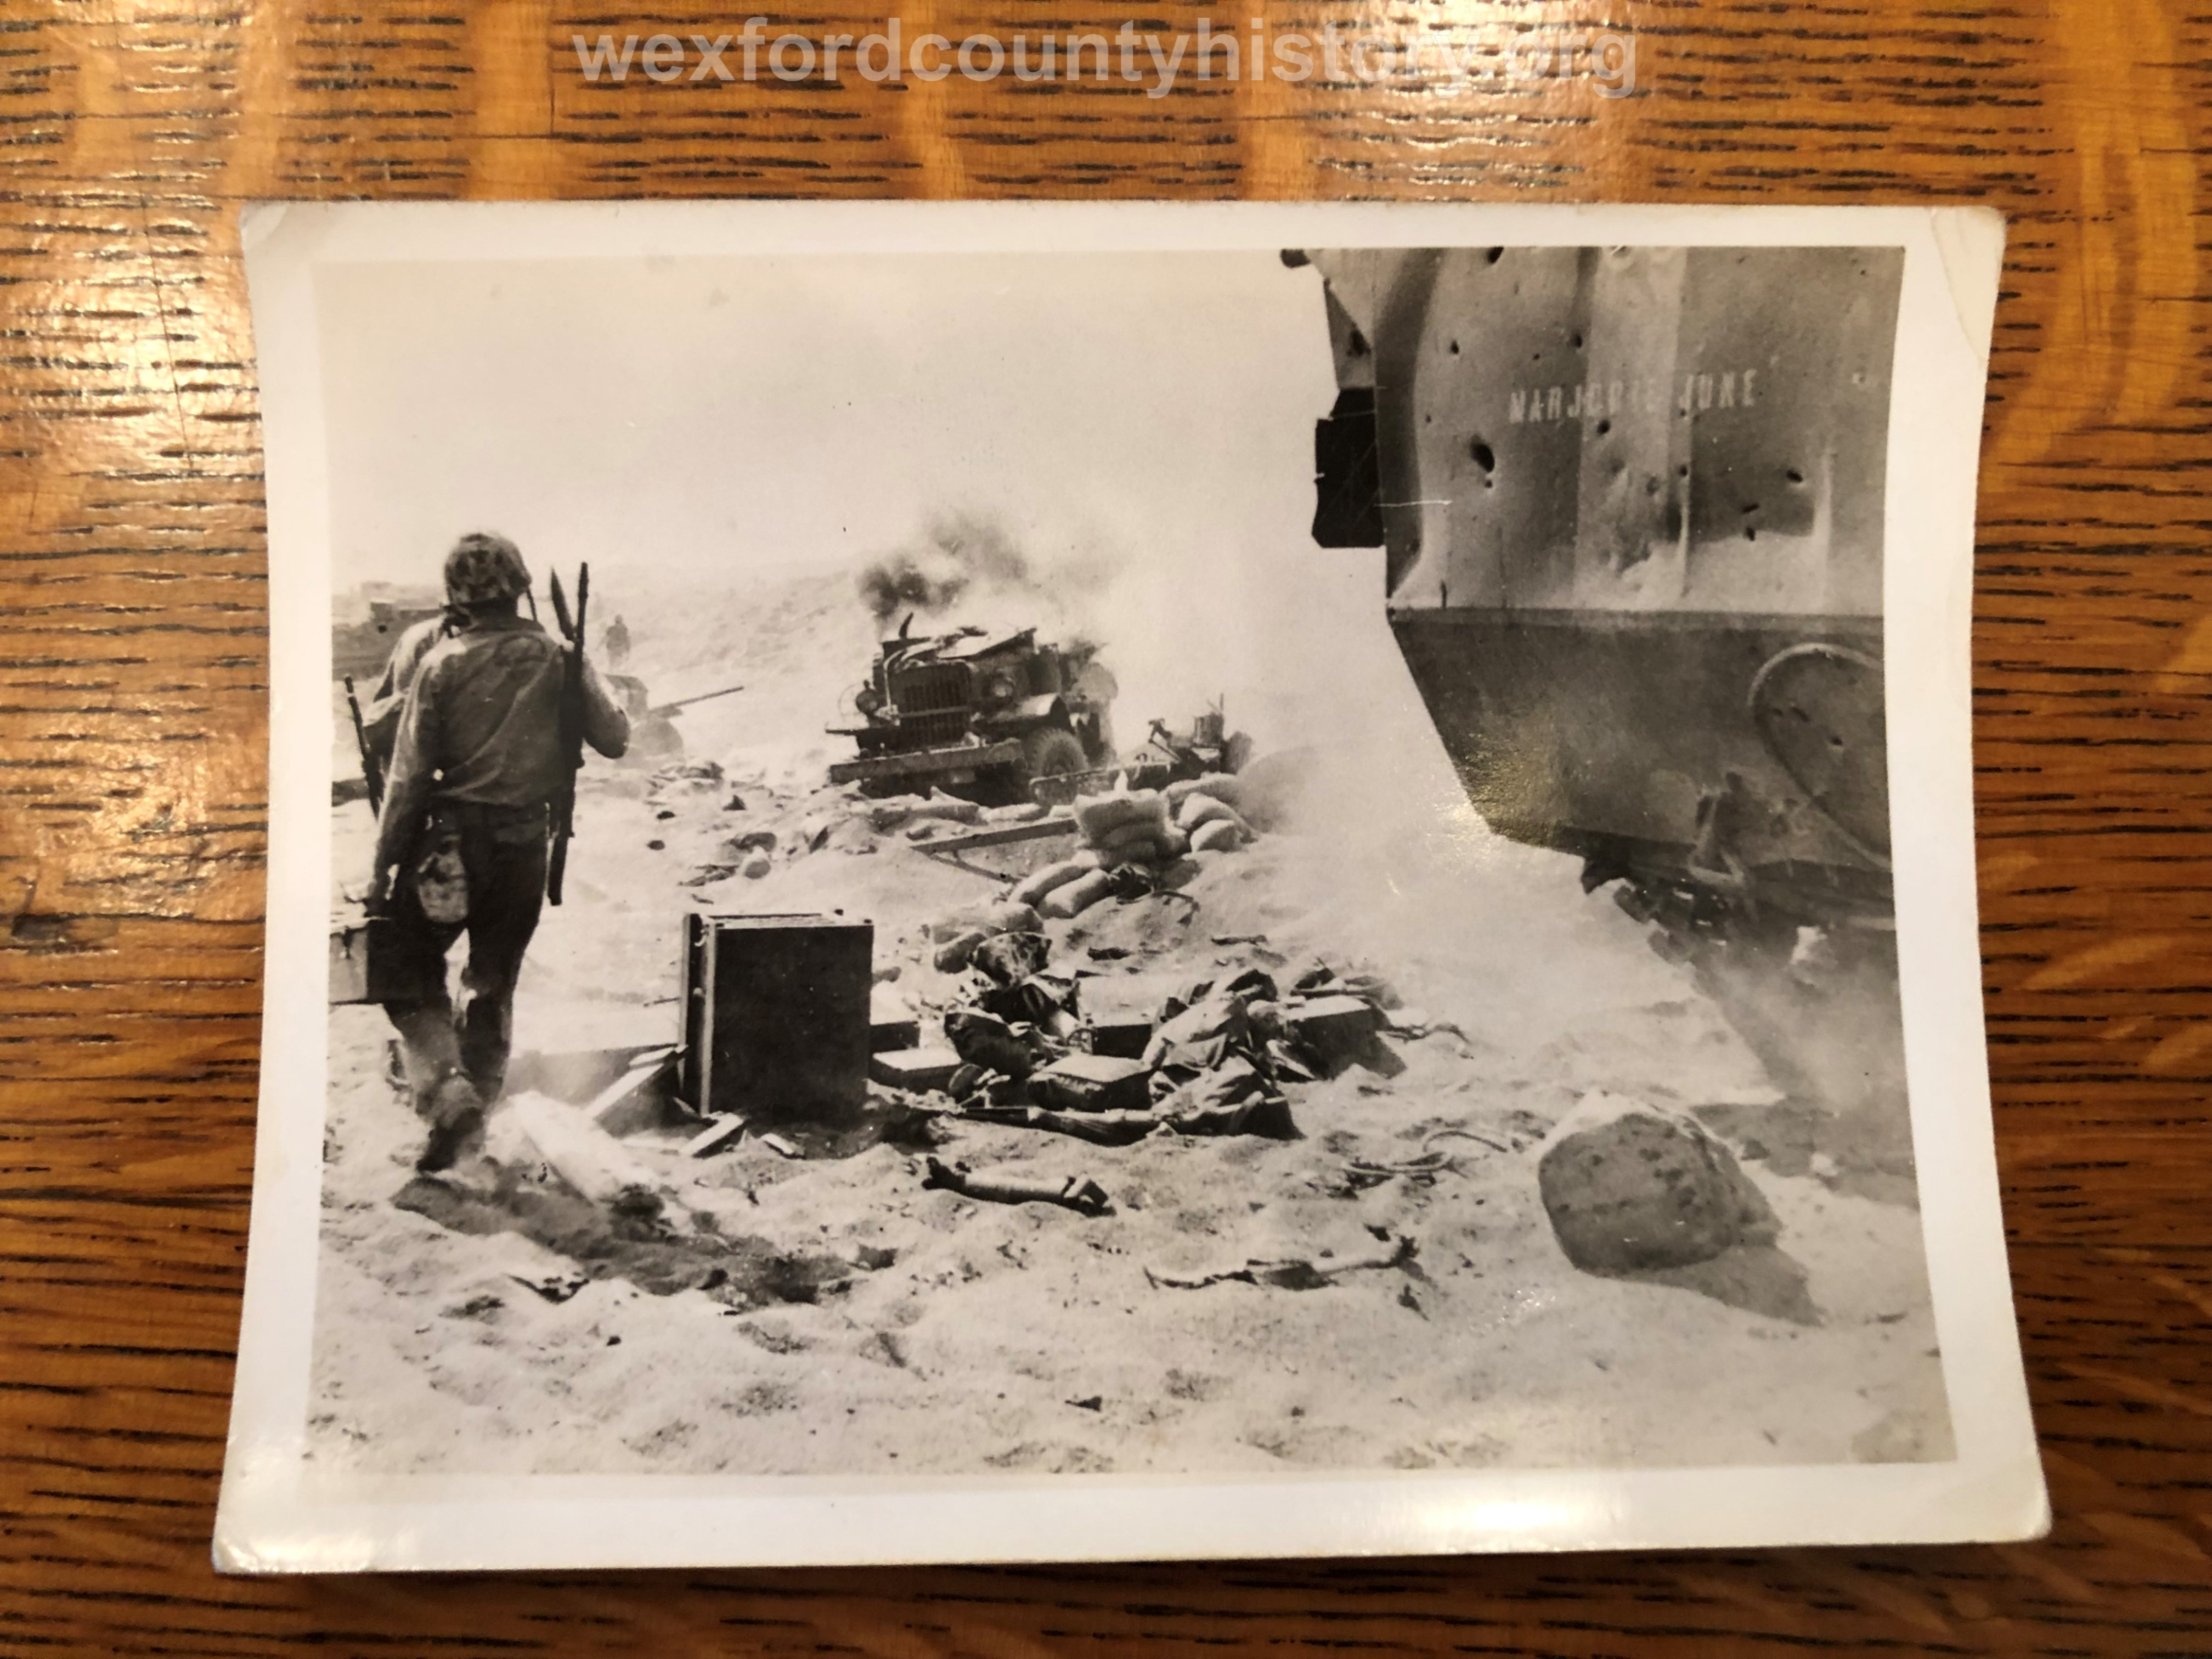 Paul Johnson's World War 2 Photographs